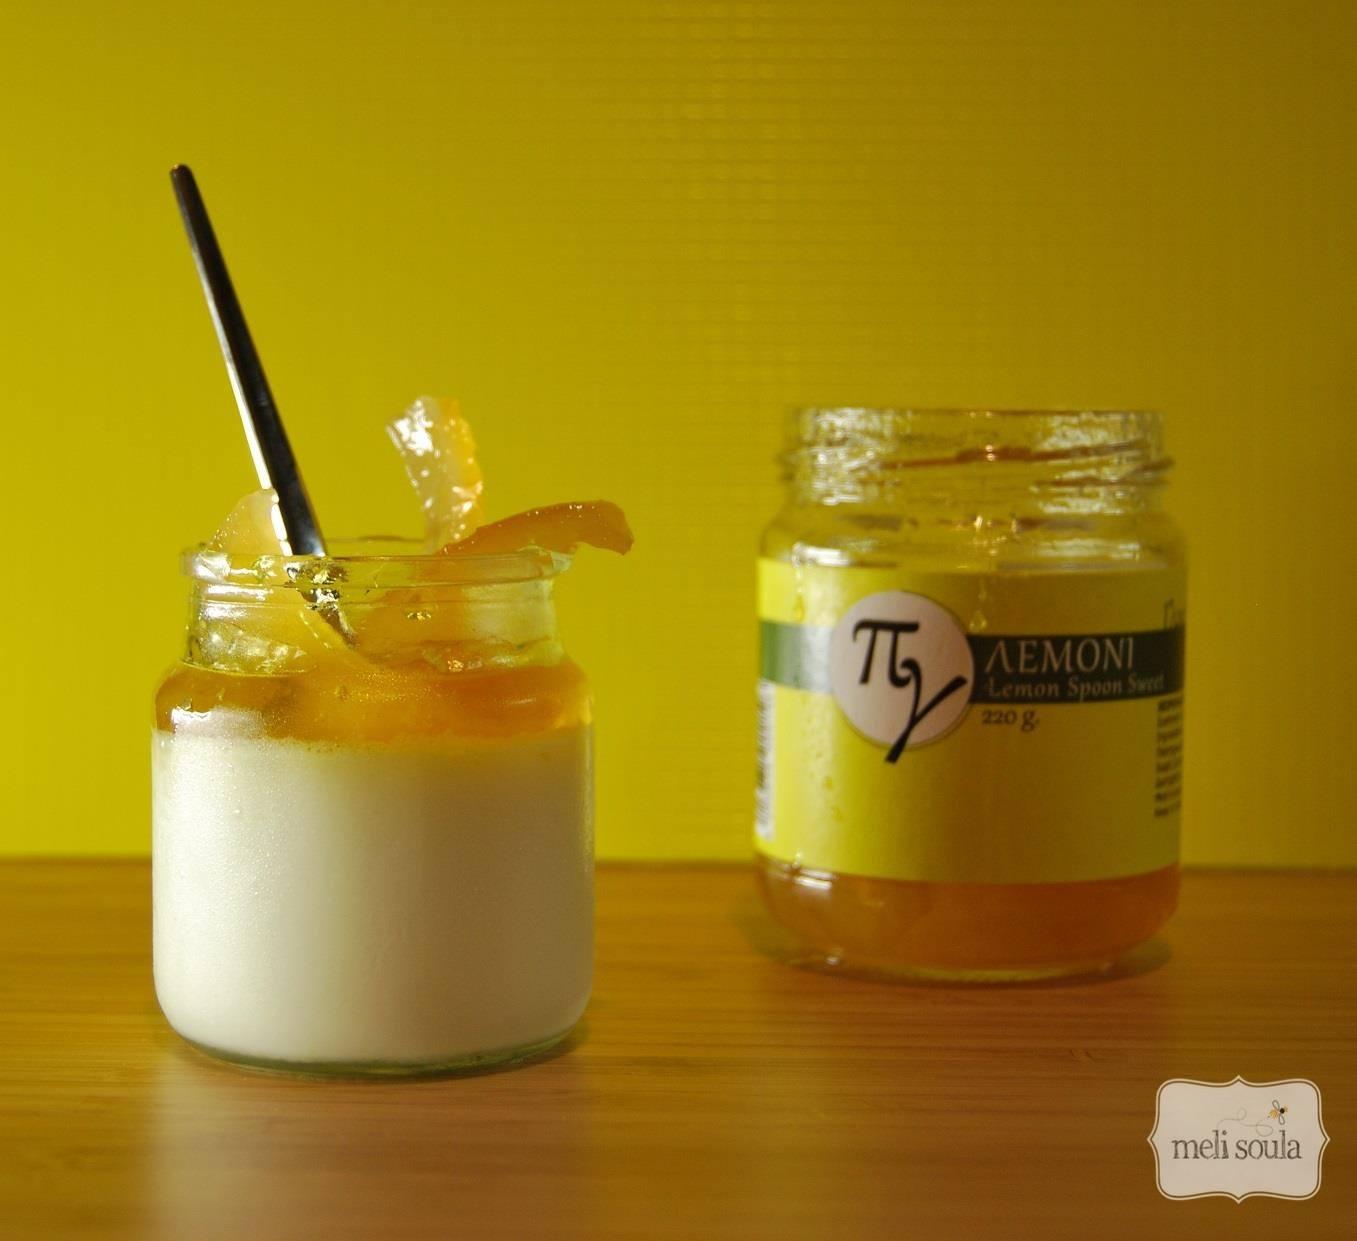 marmelada-lemoni-piliaki-gi (2)